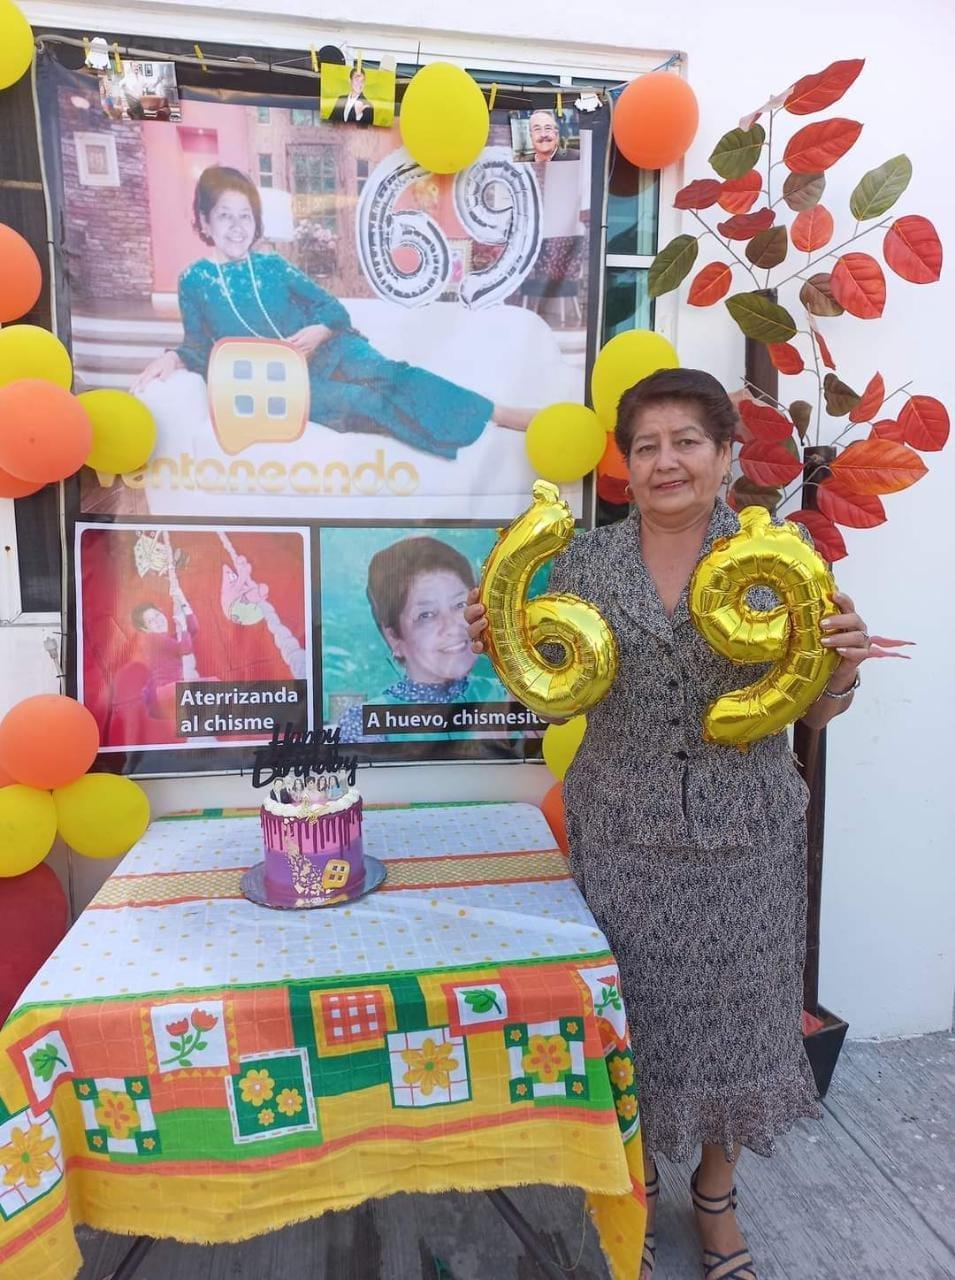 Mujer celebrando su cumpleaños; Abuelita celebra su cumpleaños al estilo de Pati Chapoy en 'Ventaneando'